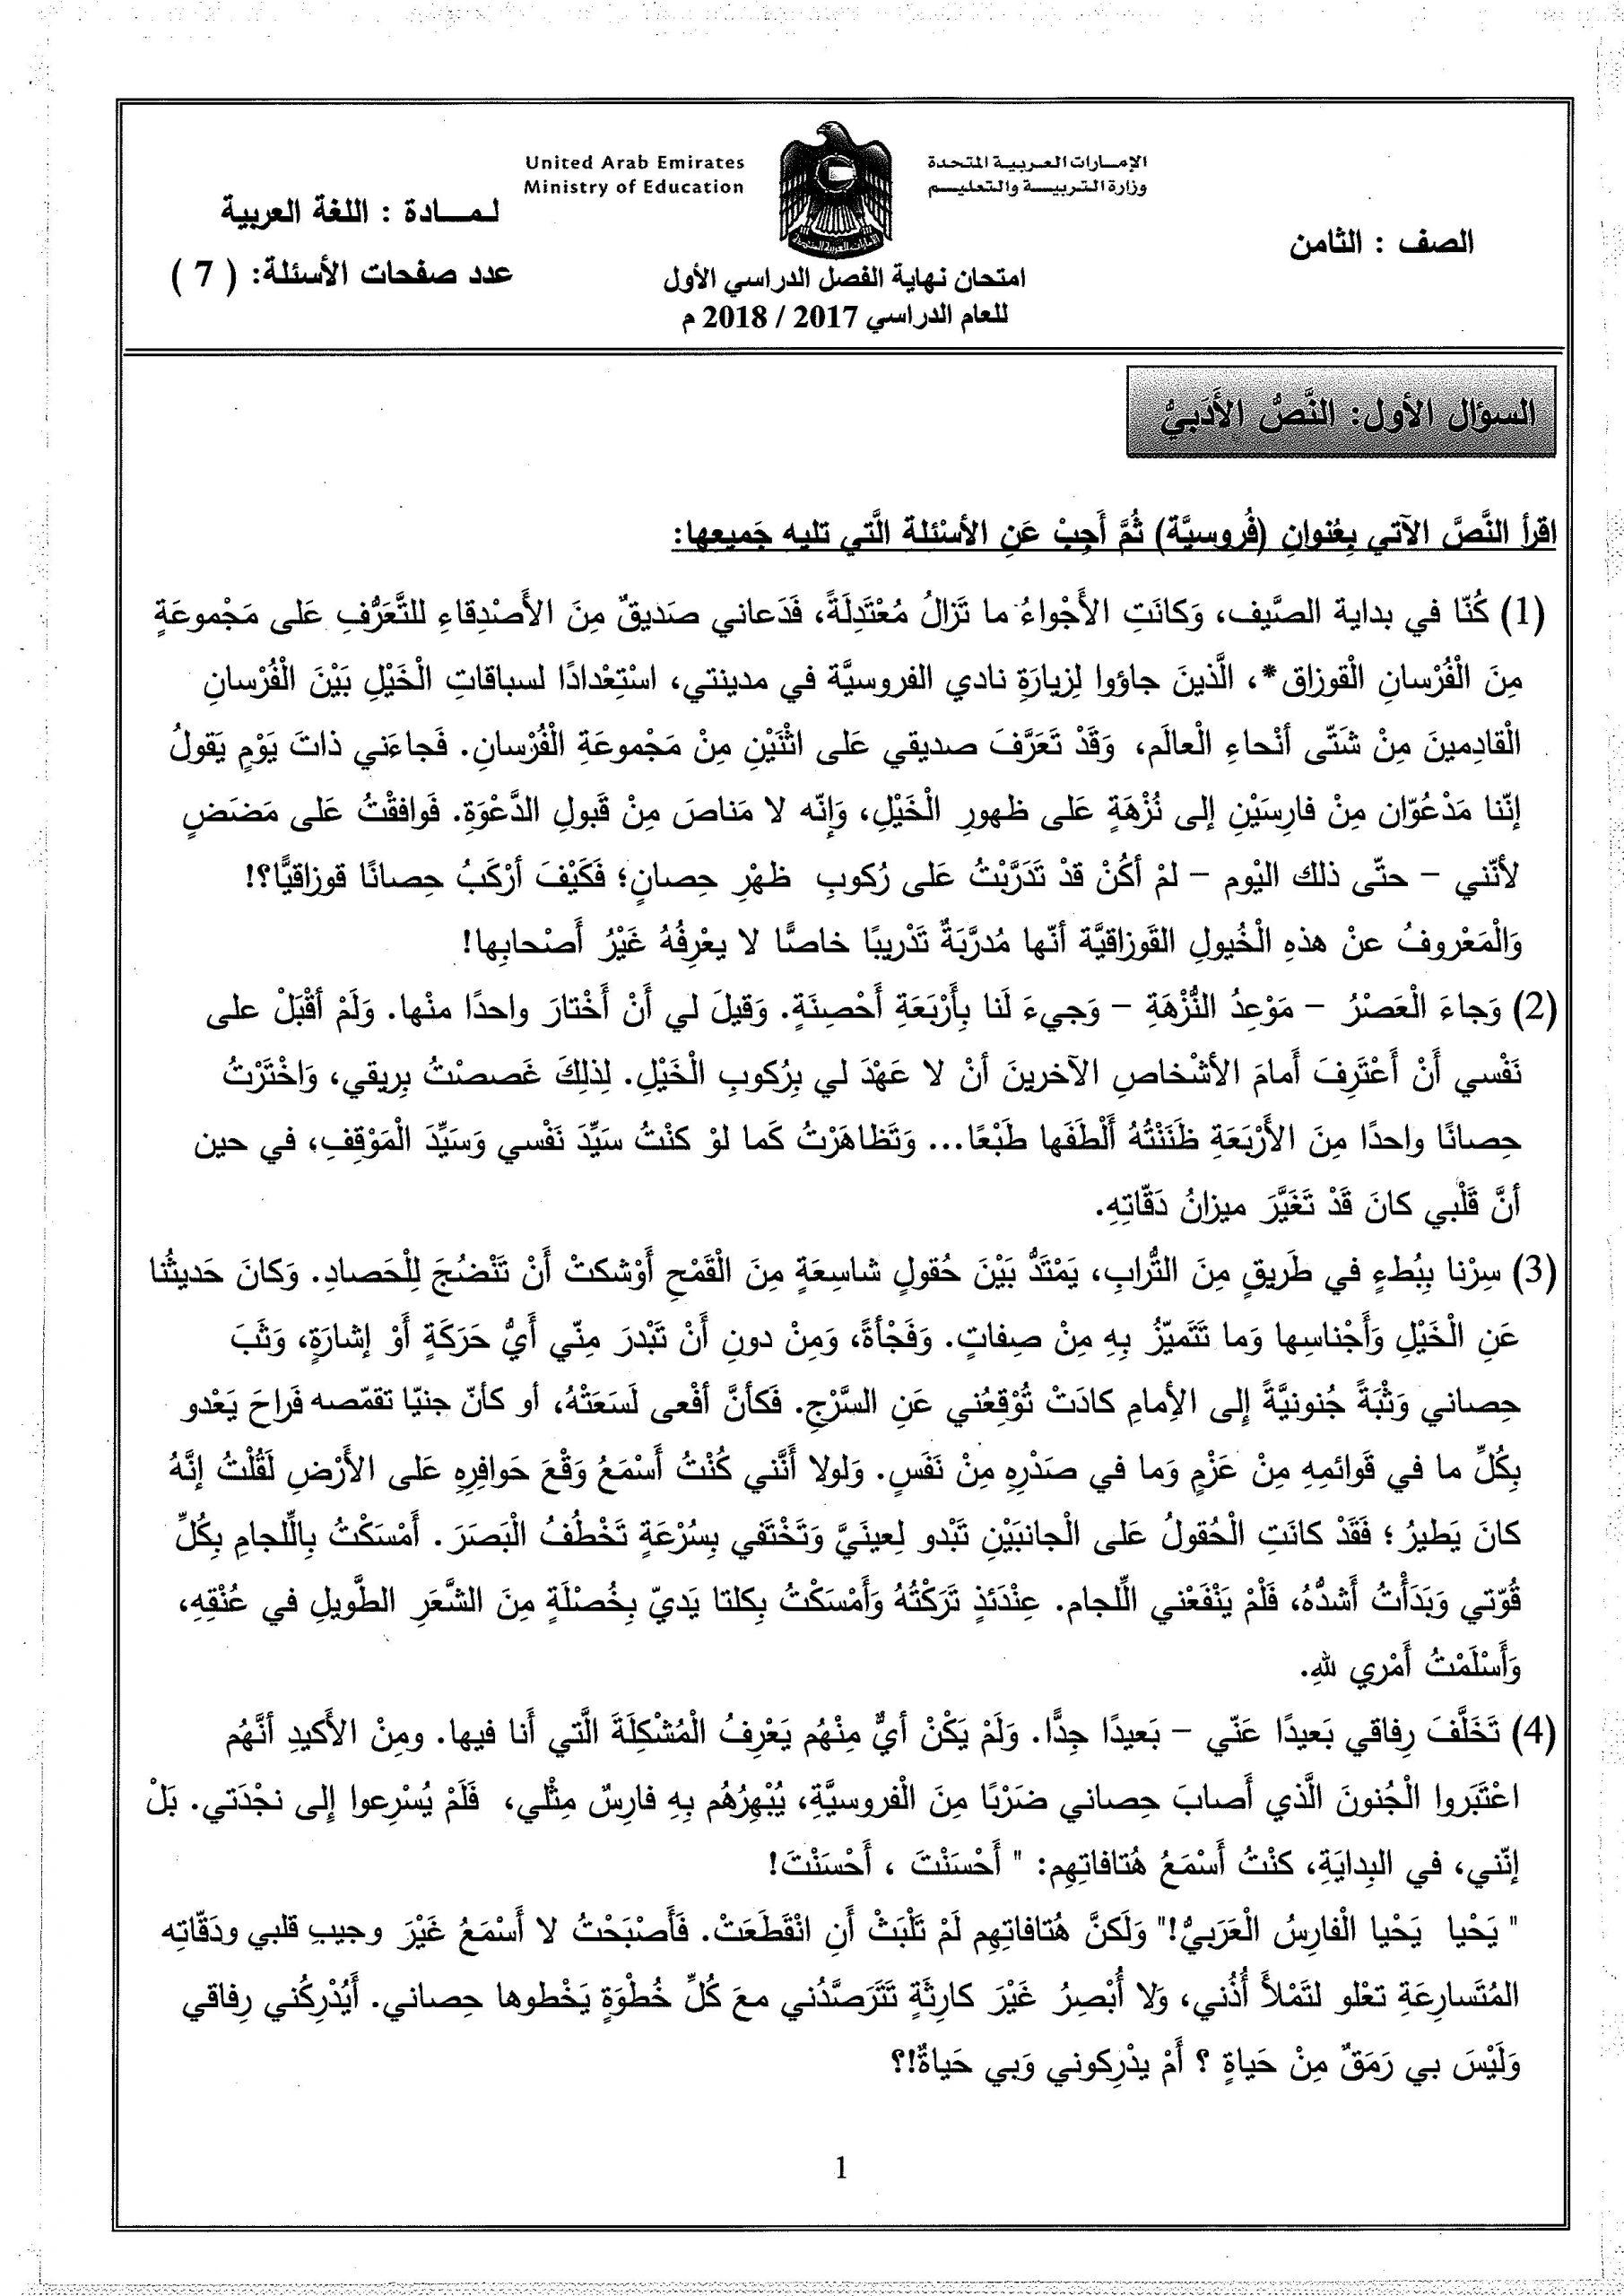 امتحان نهاية الفصل الدراسي 2017-2018 الصف الثامن مادة اللغة العربية